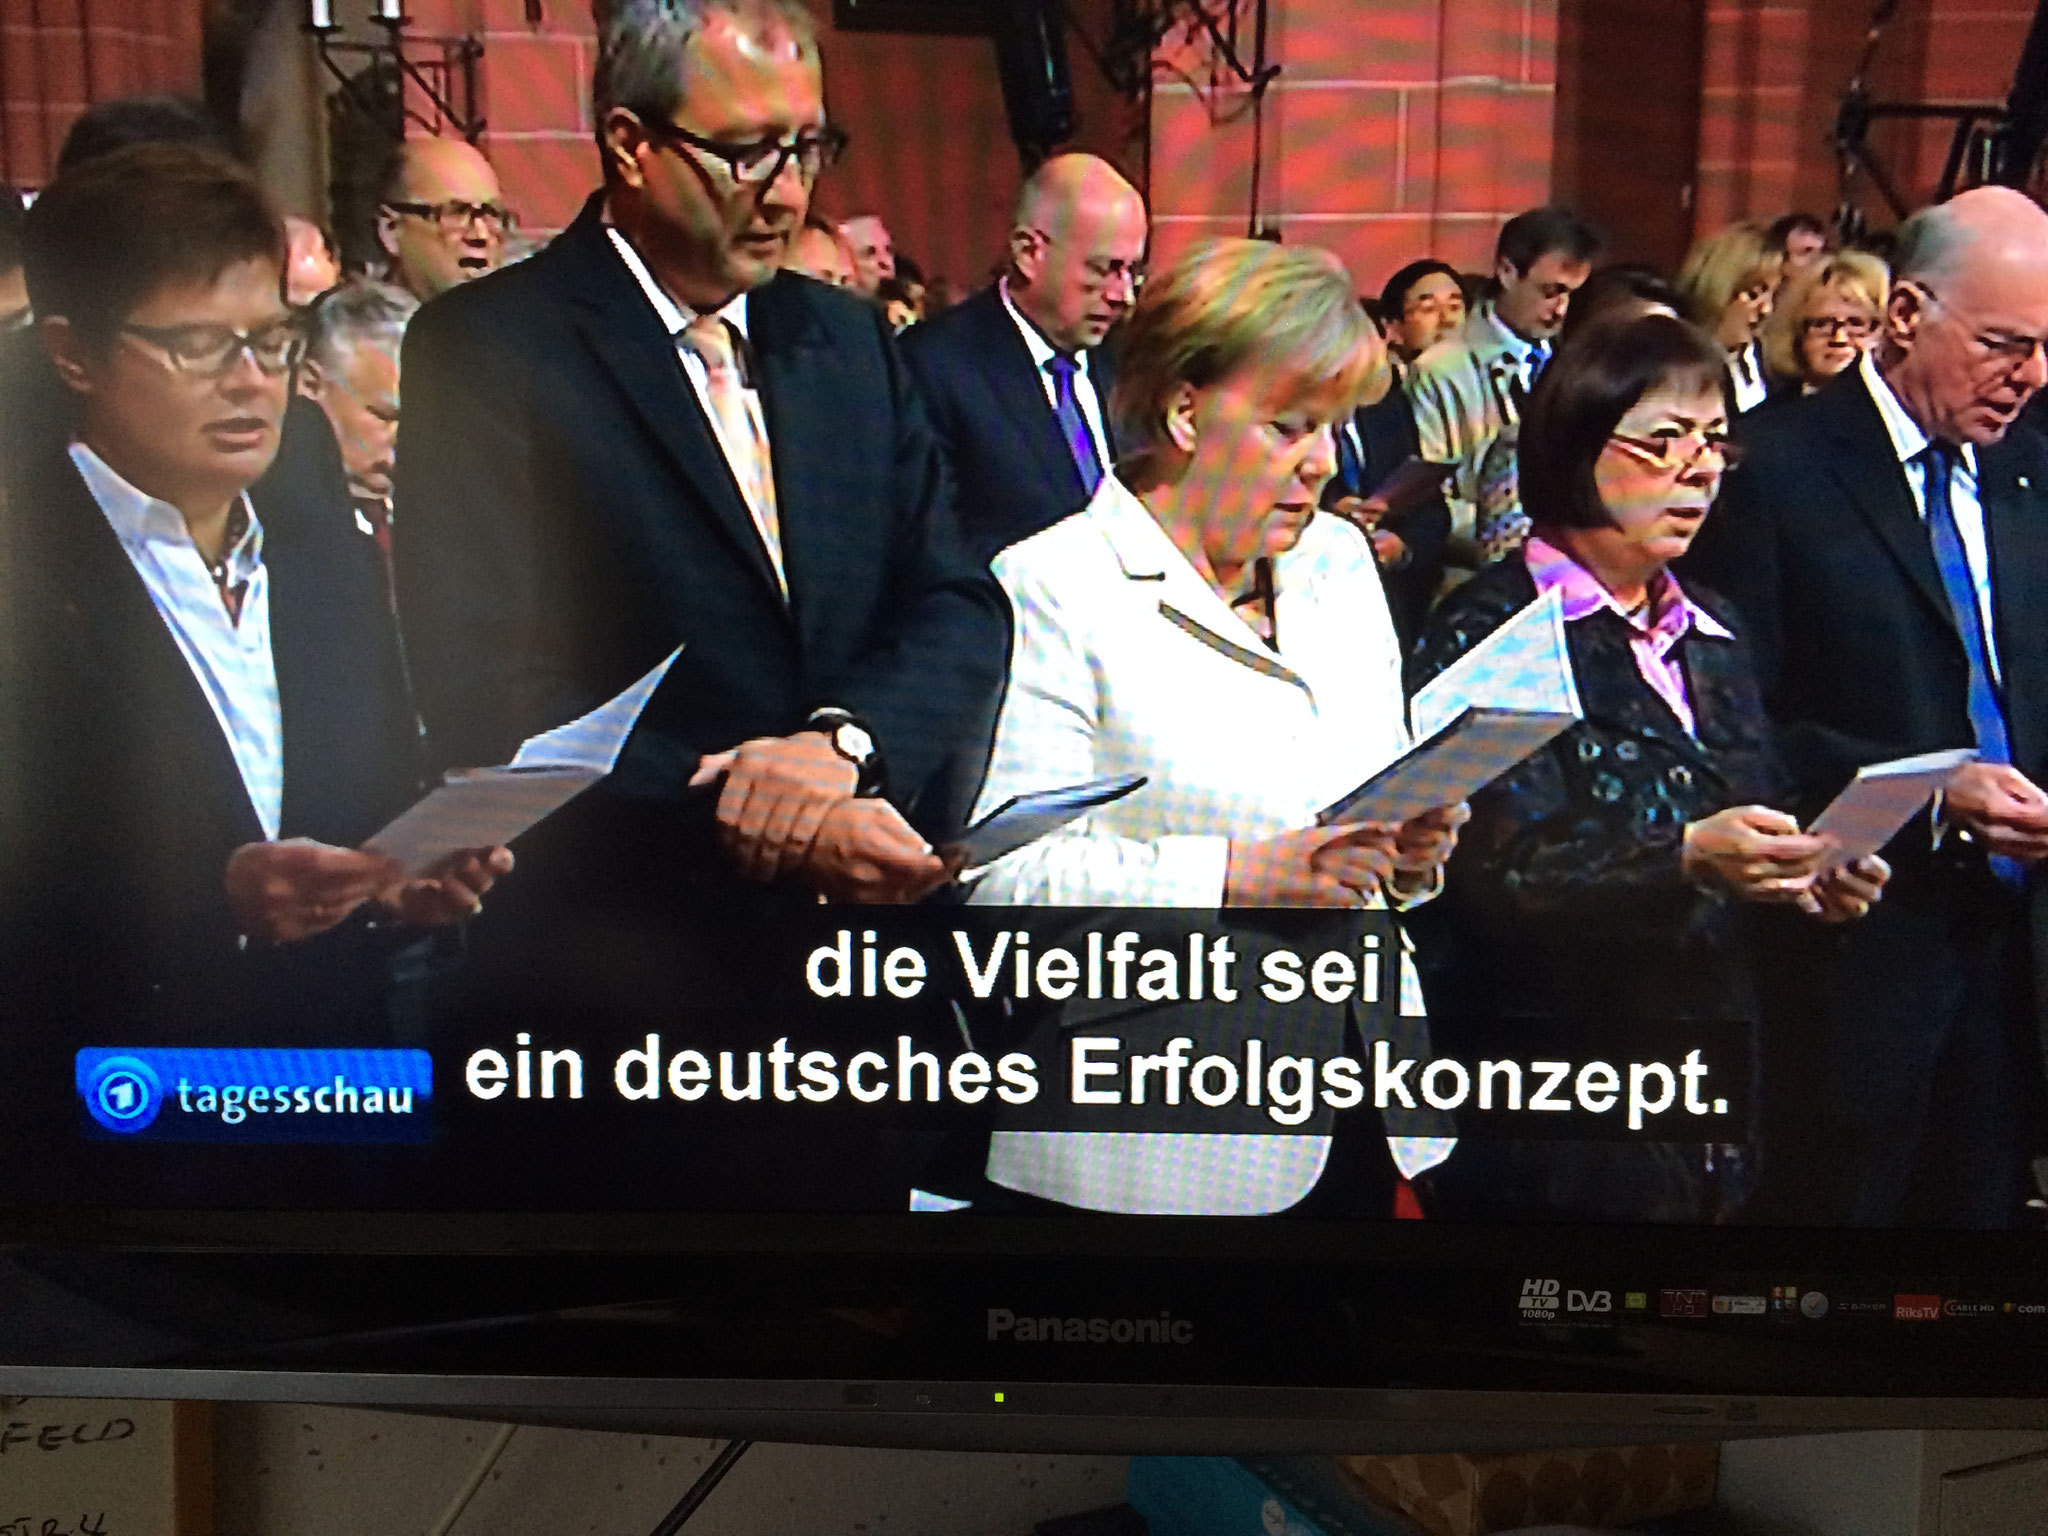 メルケル首相 テレビ画像です。